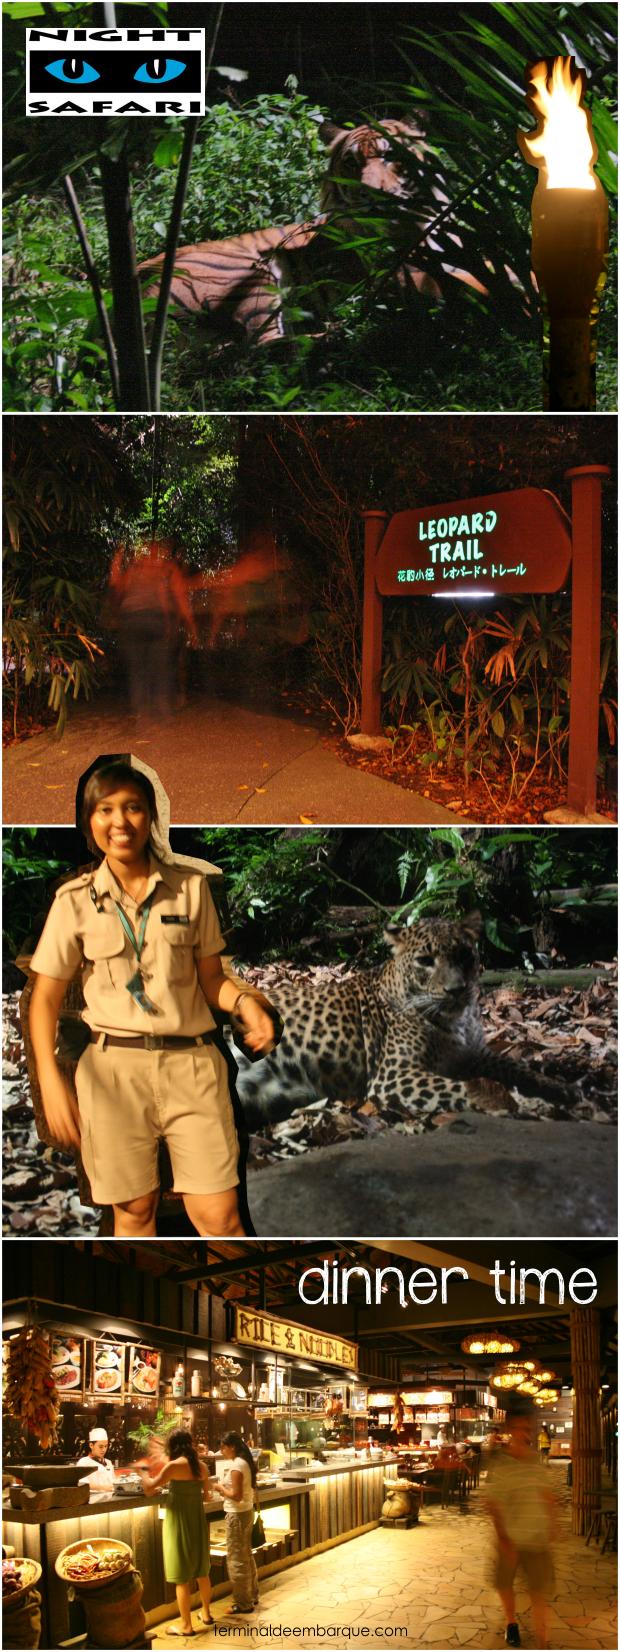 Zoológico Noturno Cingapura